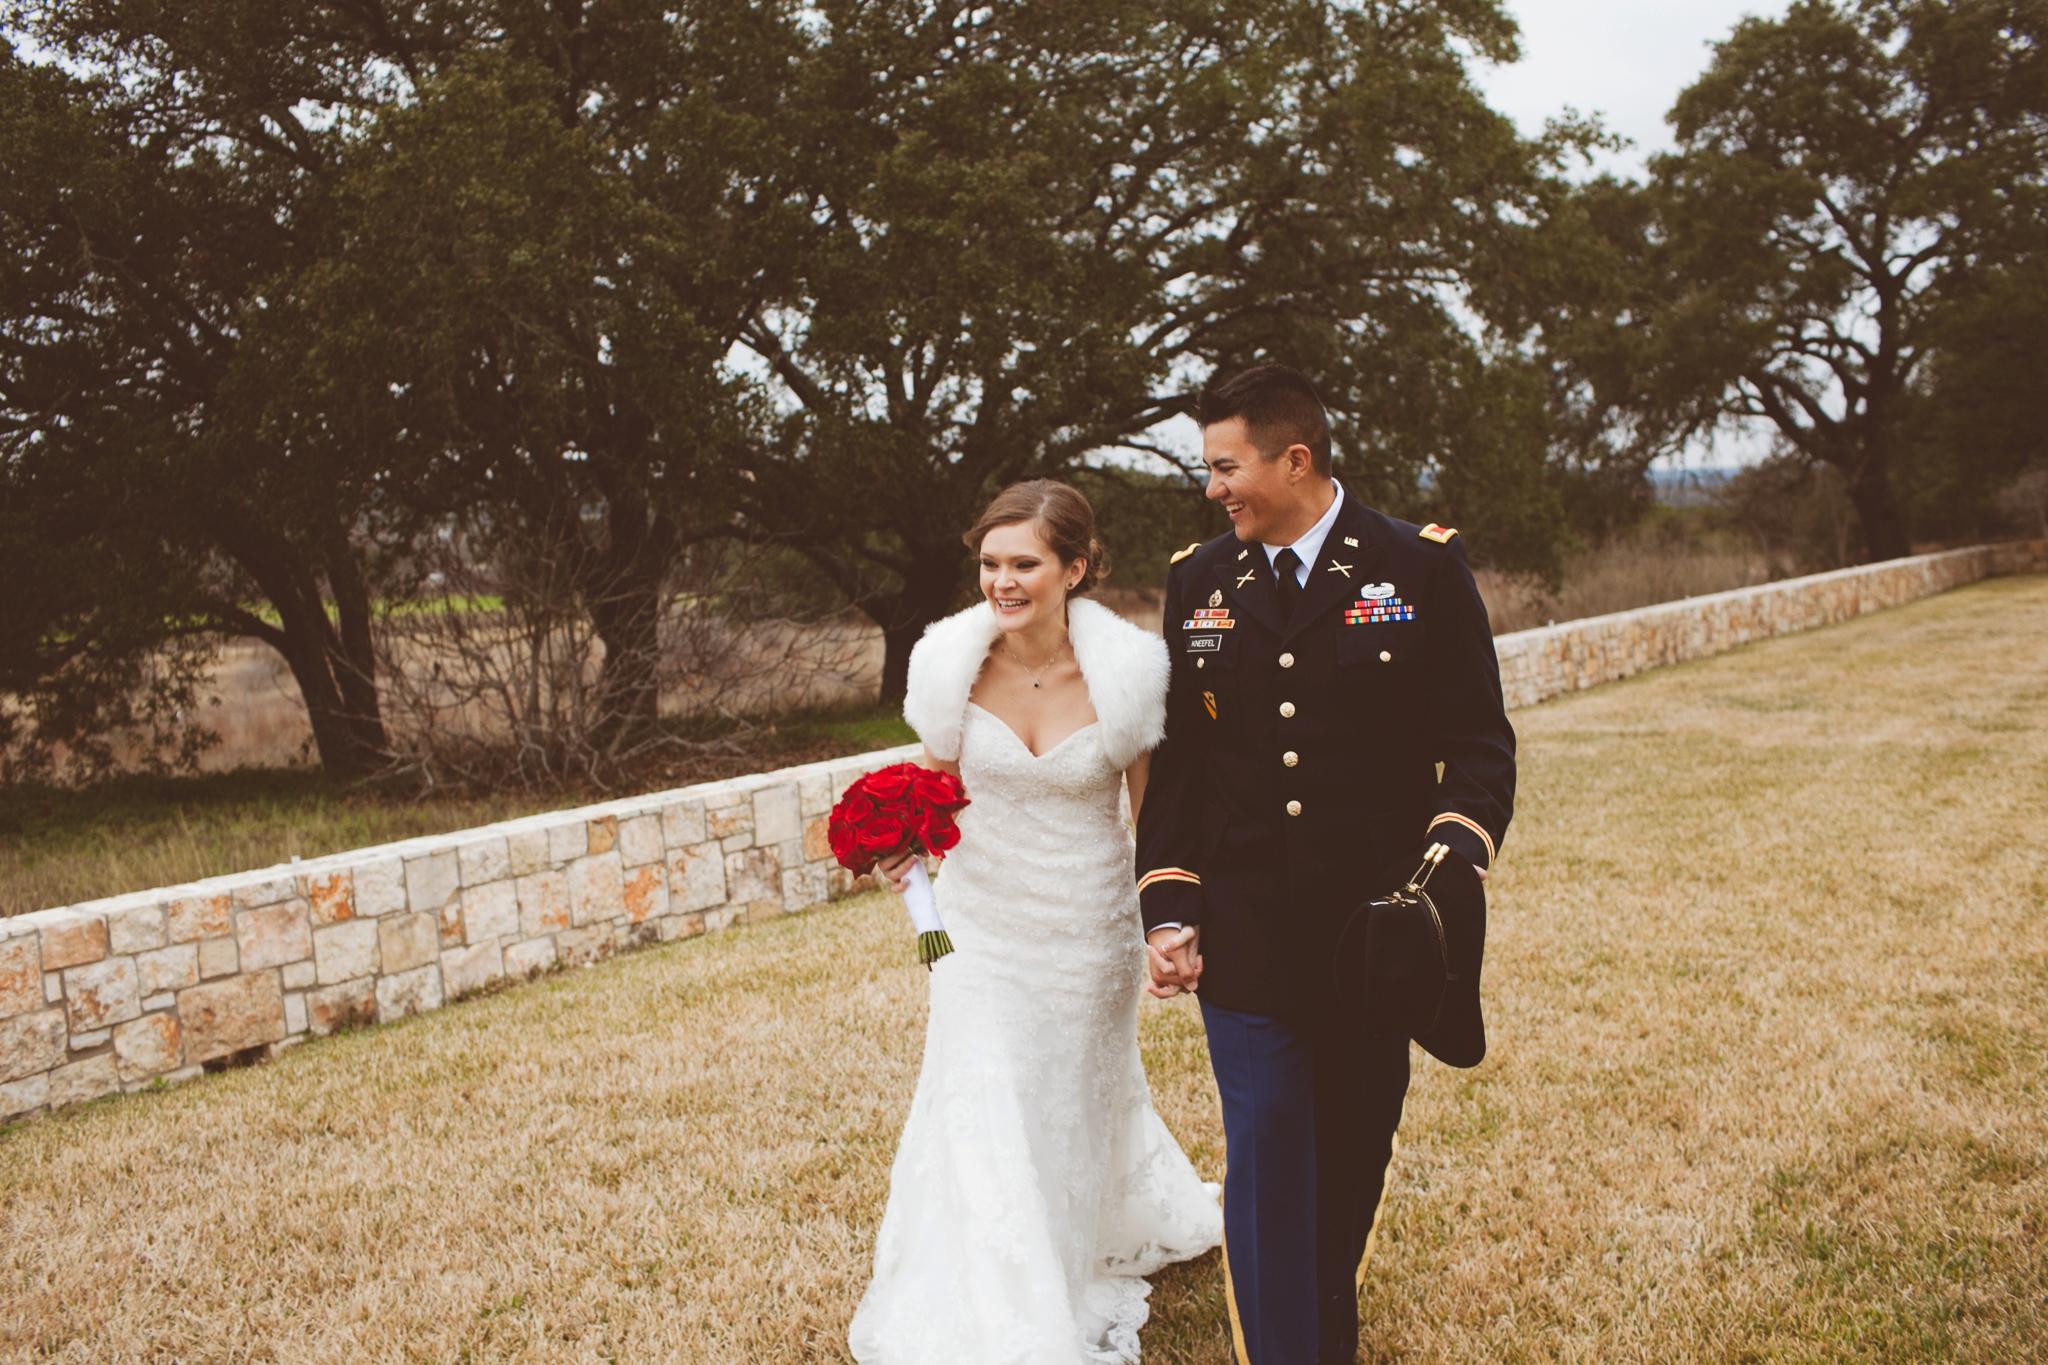 Salt-Lick-Austin-Wedding-Photographer-053.jpg